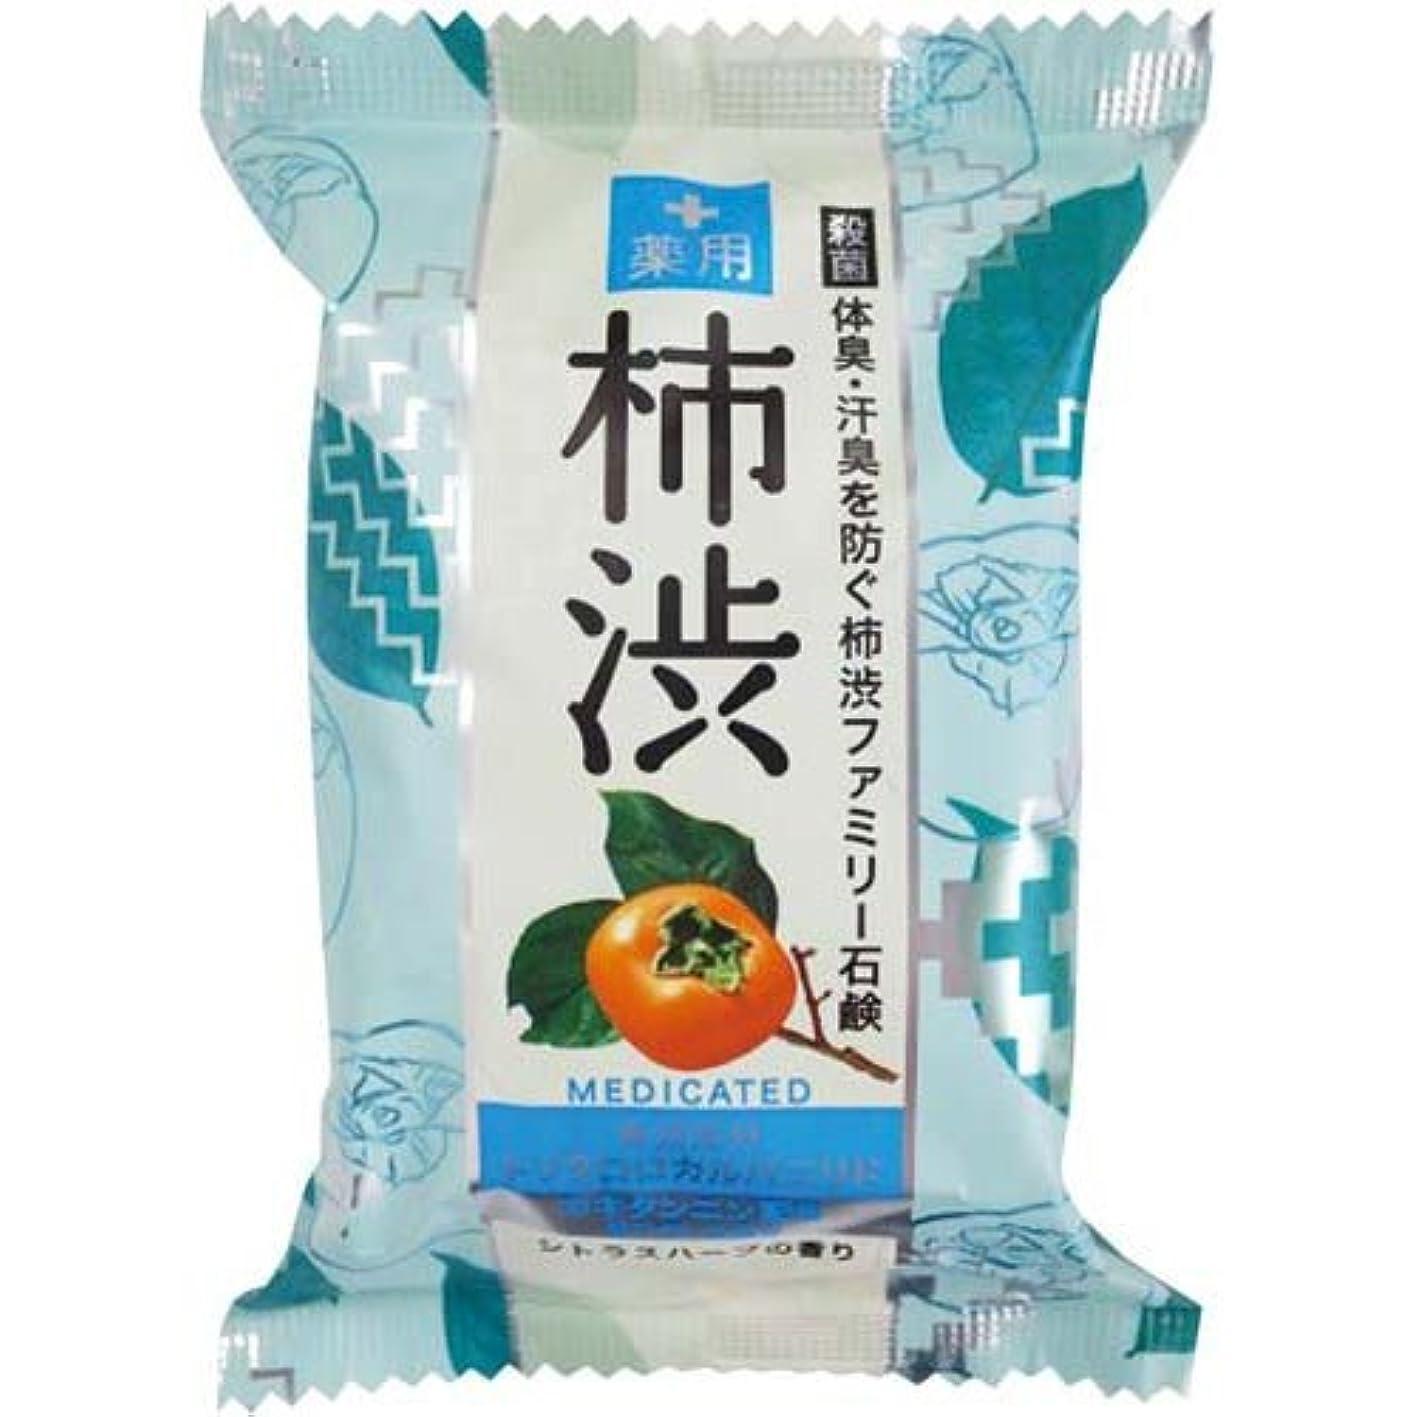 機動なる石化するペリカン石鹸 薬用ファミリー柿渋石鹸×6個×4箱